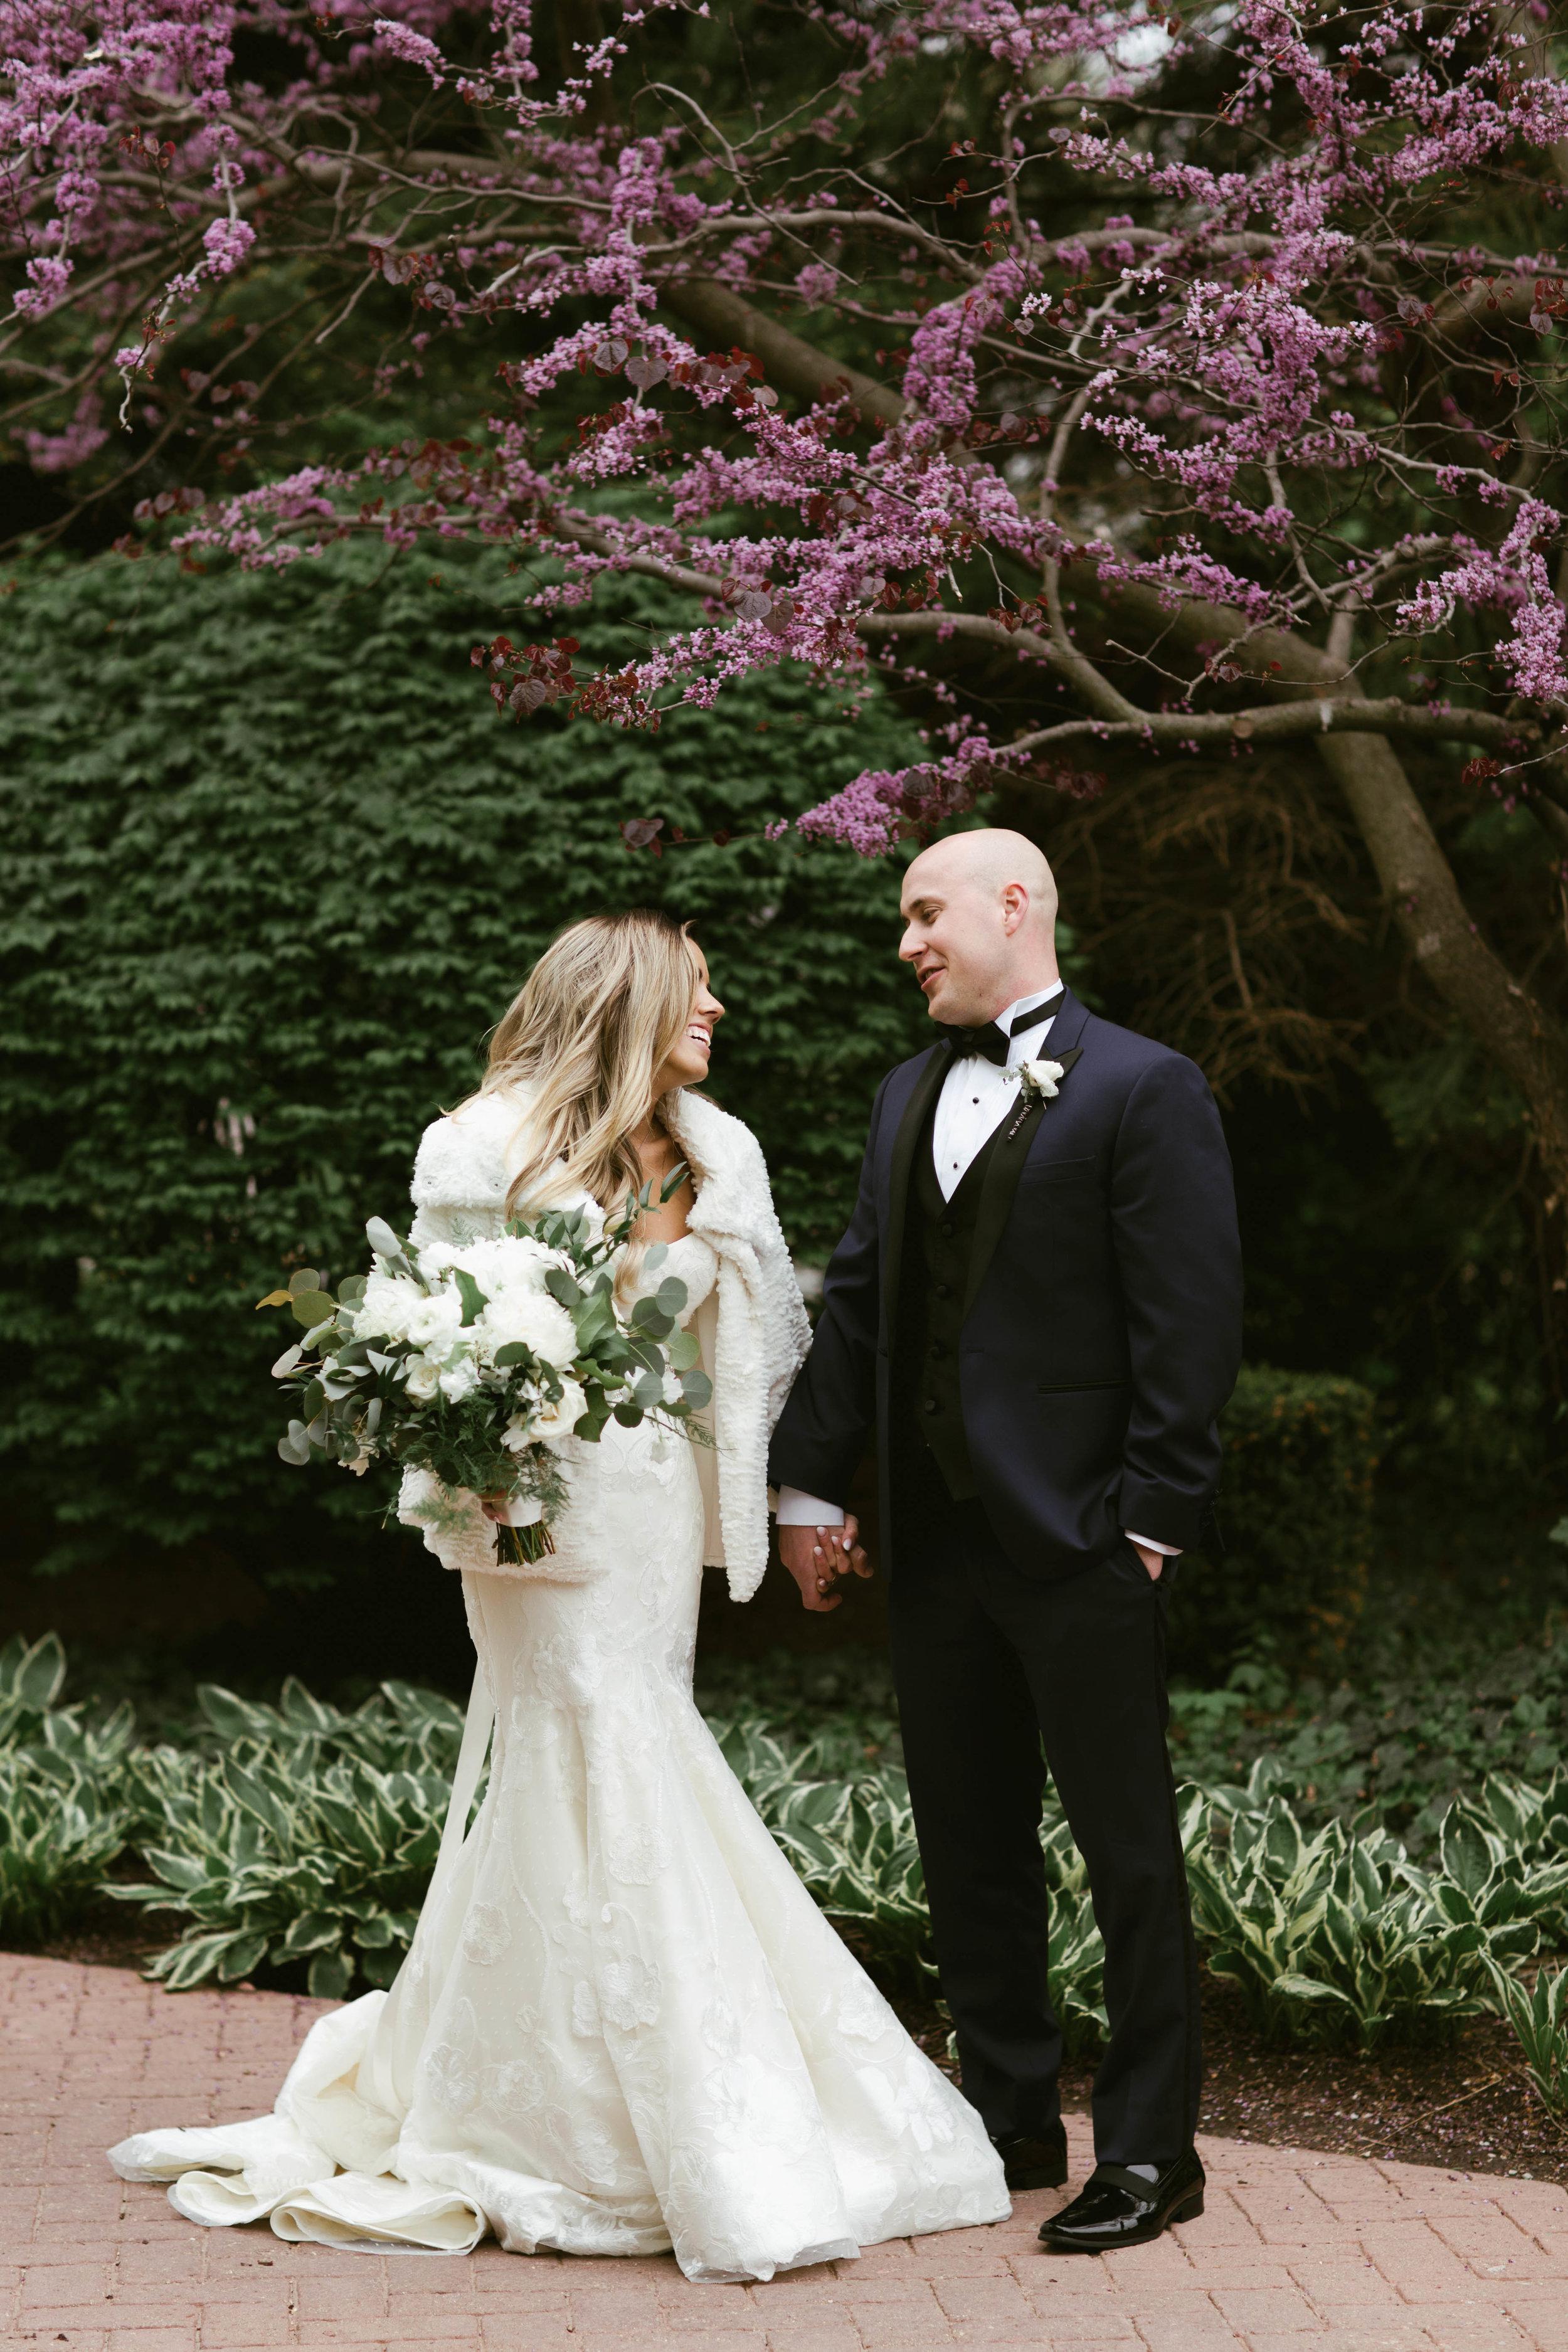 jennahazelphotography-emily+kevin-wedding-9674.jpg